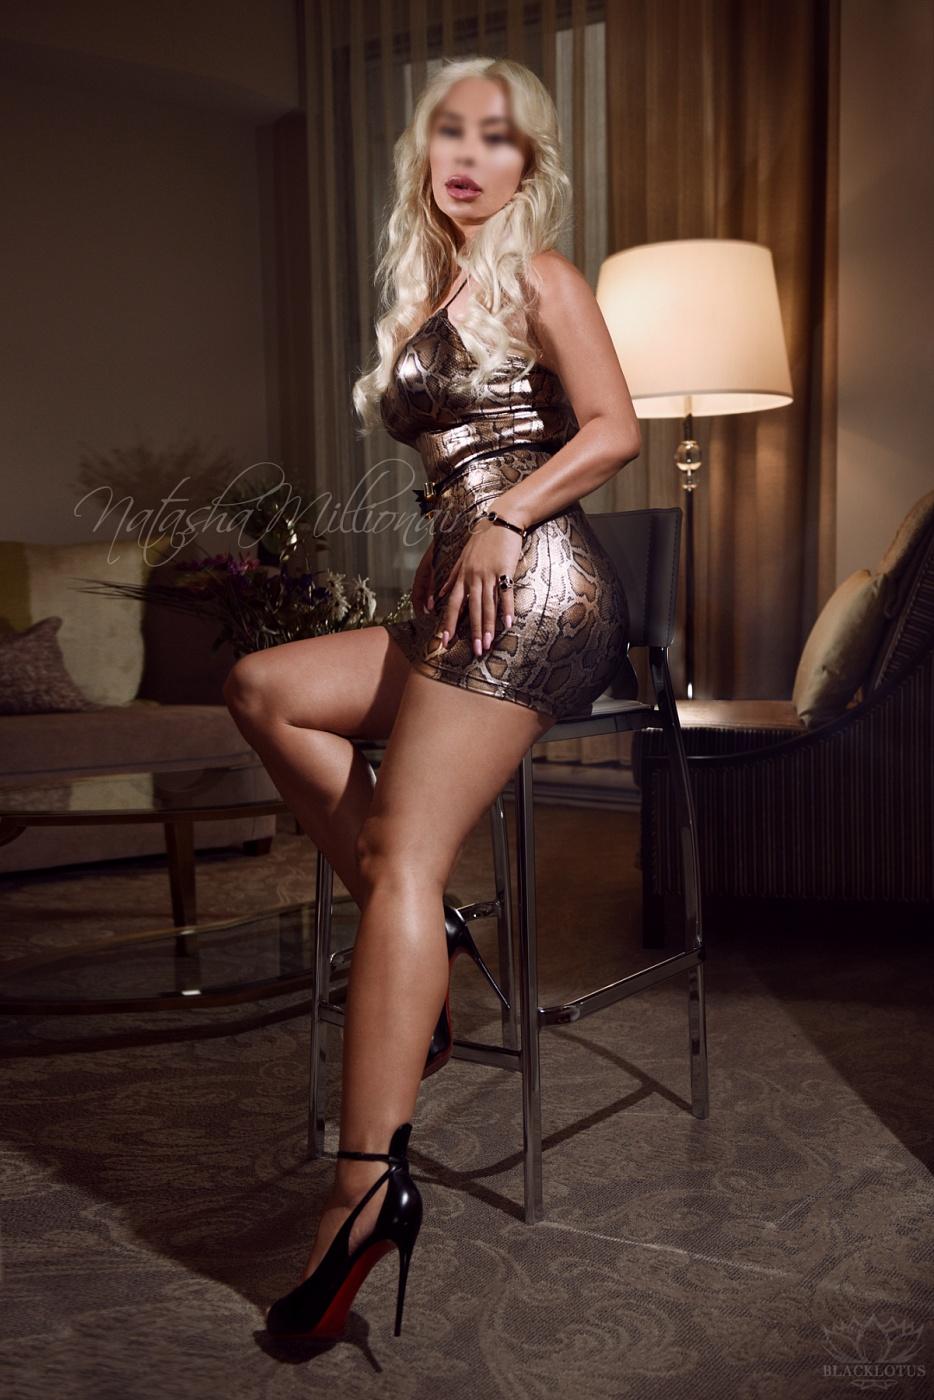 Natasha Millionaire